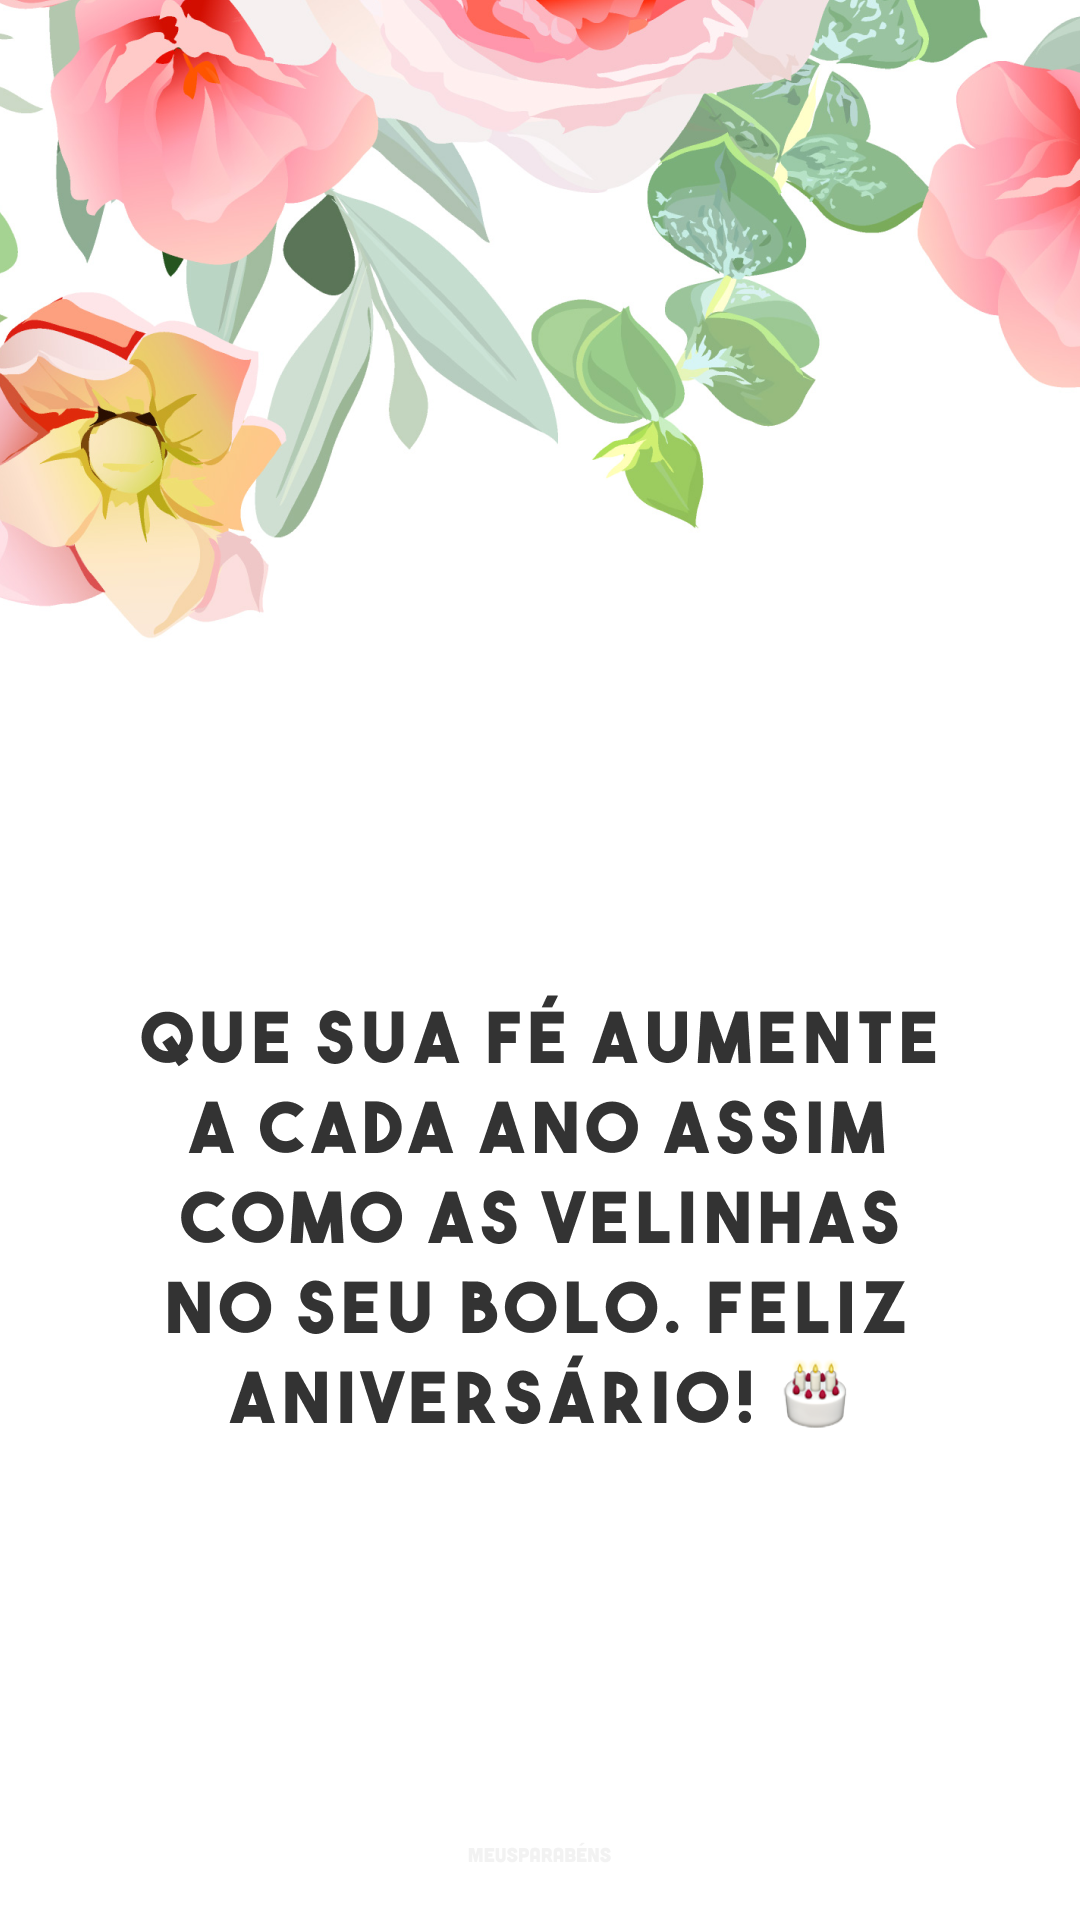 Que sua fé aumente a cada ano assim como as velinhas no seu bolo. Feliz aniversário! 🎂